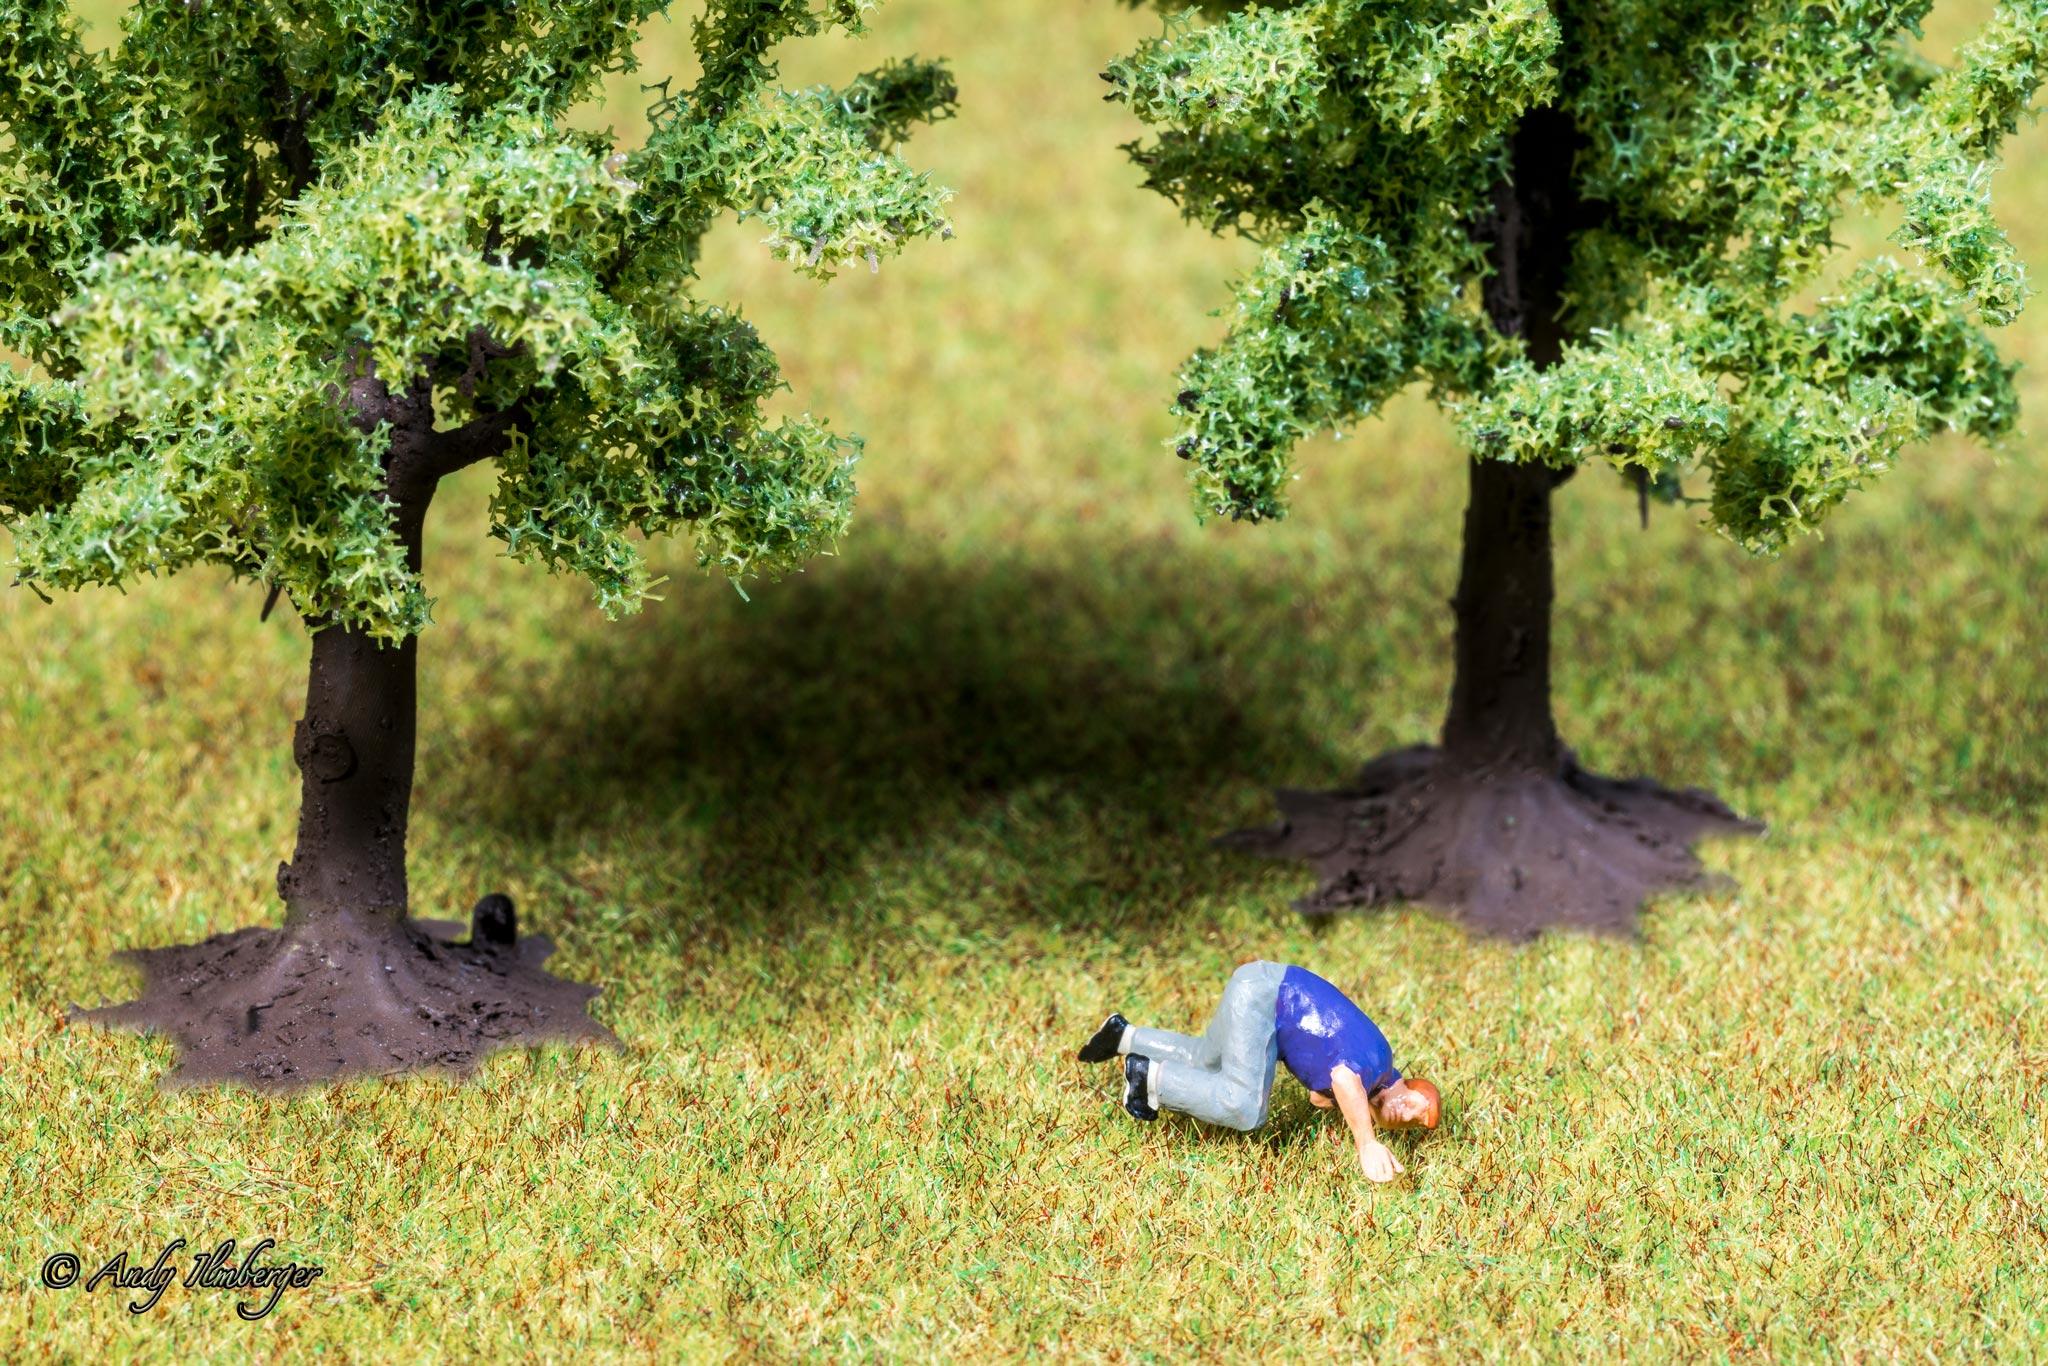 H0-Helden - Das Gras wachsen hören - H0-Figuren in Szene gesetzt von © Andy Ilmberger im Kleine-Helden.Club